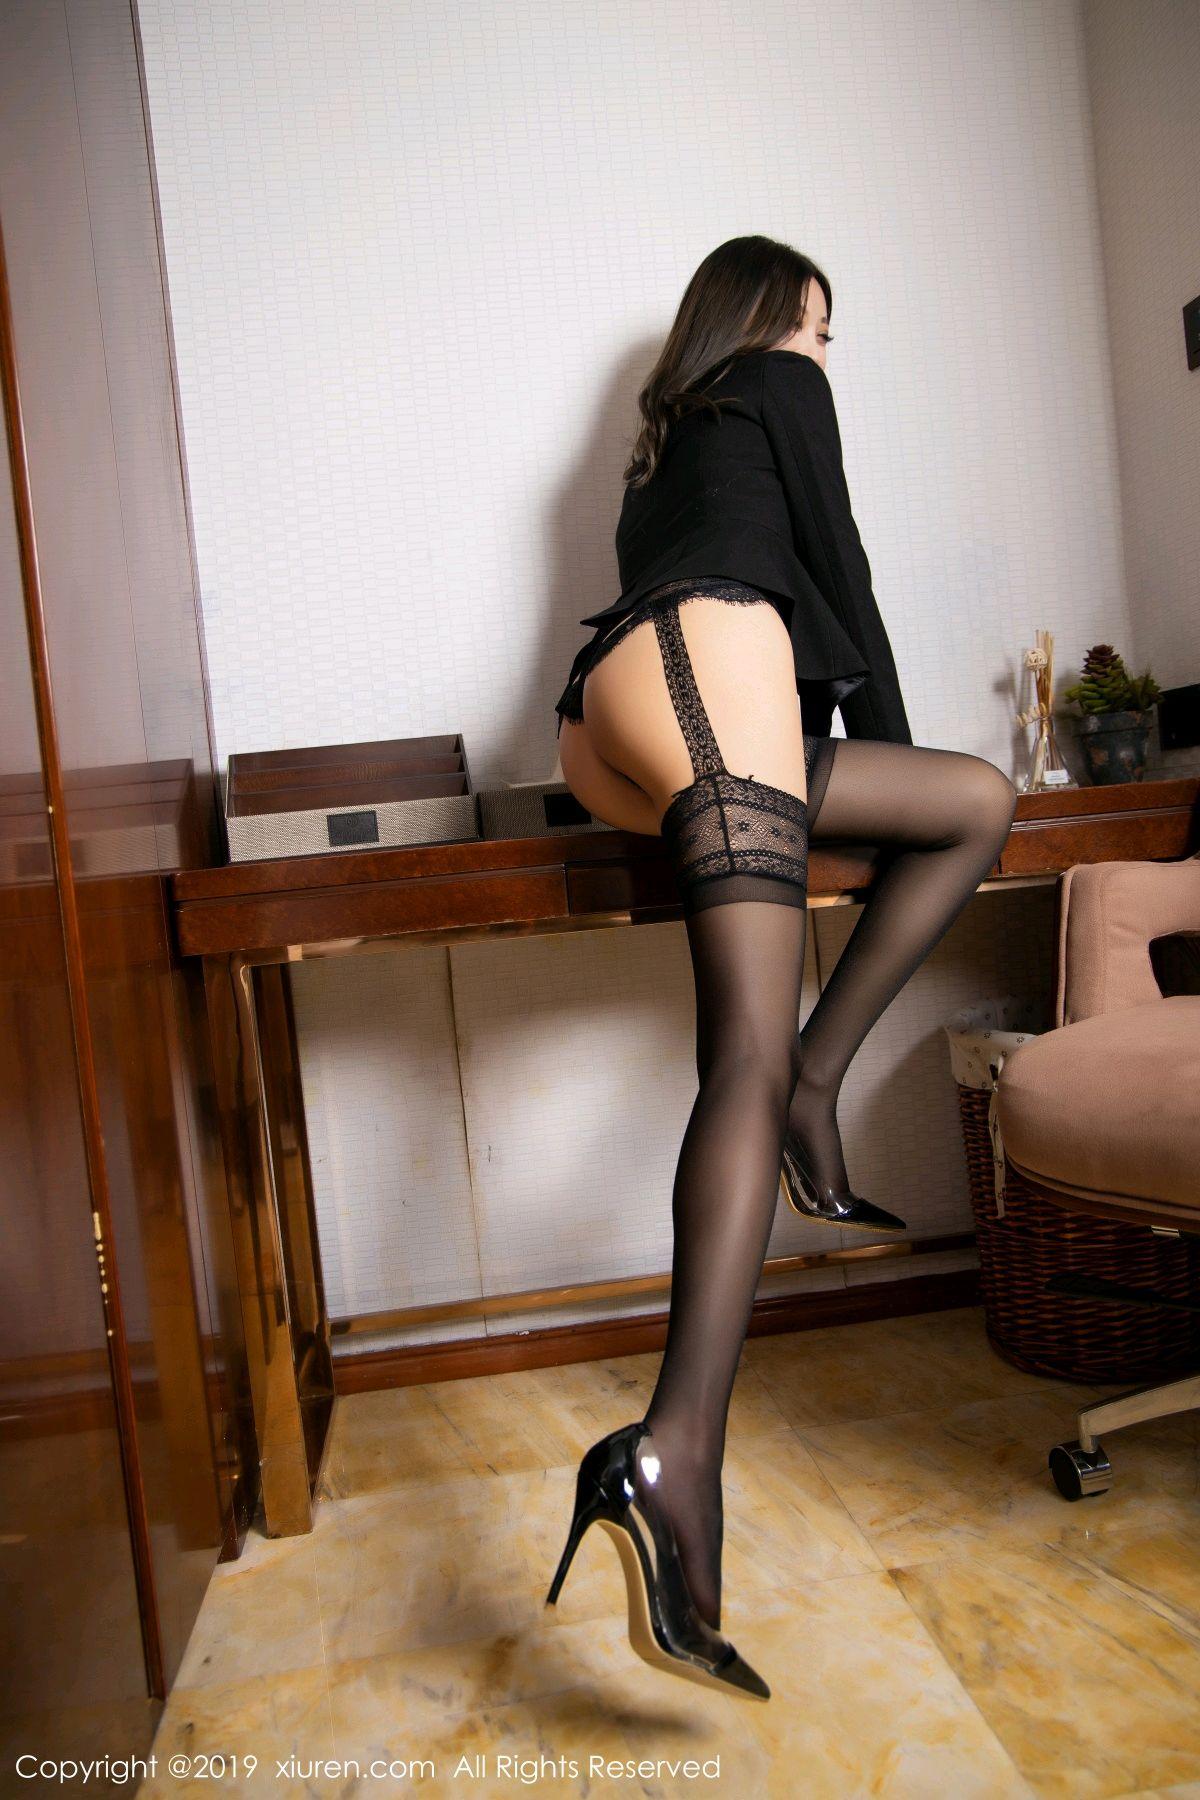 [XiaoYu] Vol.1633 Yang Chen Chen 18P, Black Silk, Tall, Uniform, XiaoYu, Yang Chen Chen